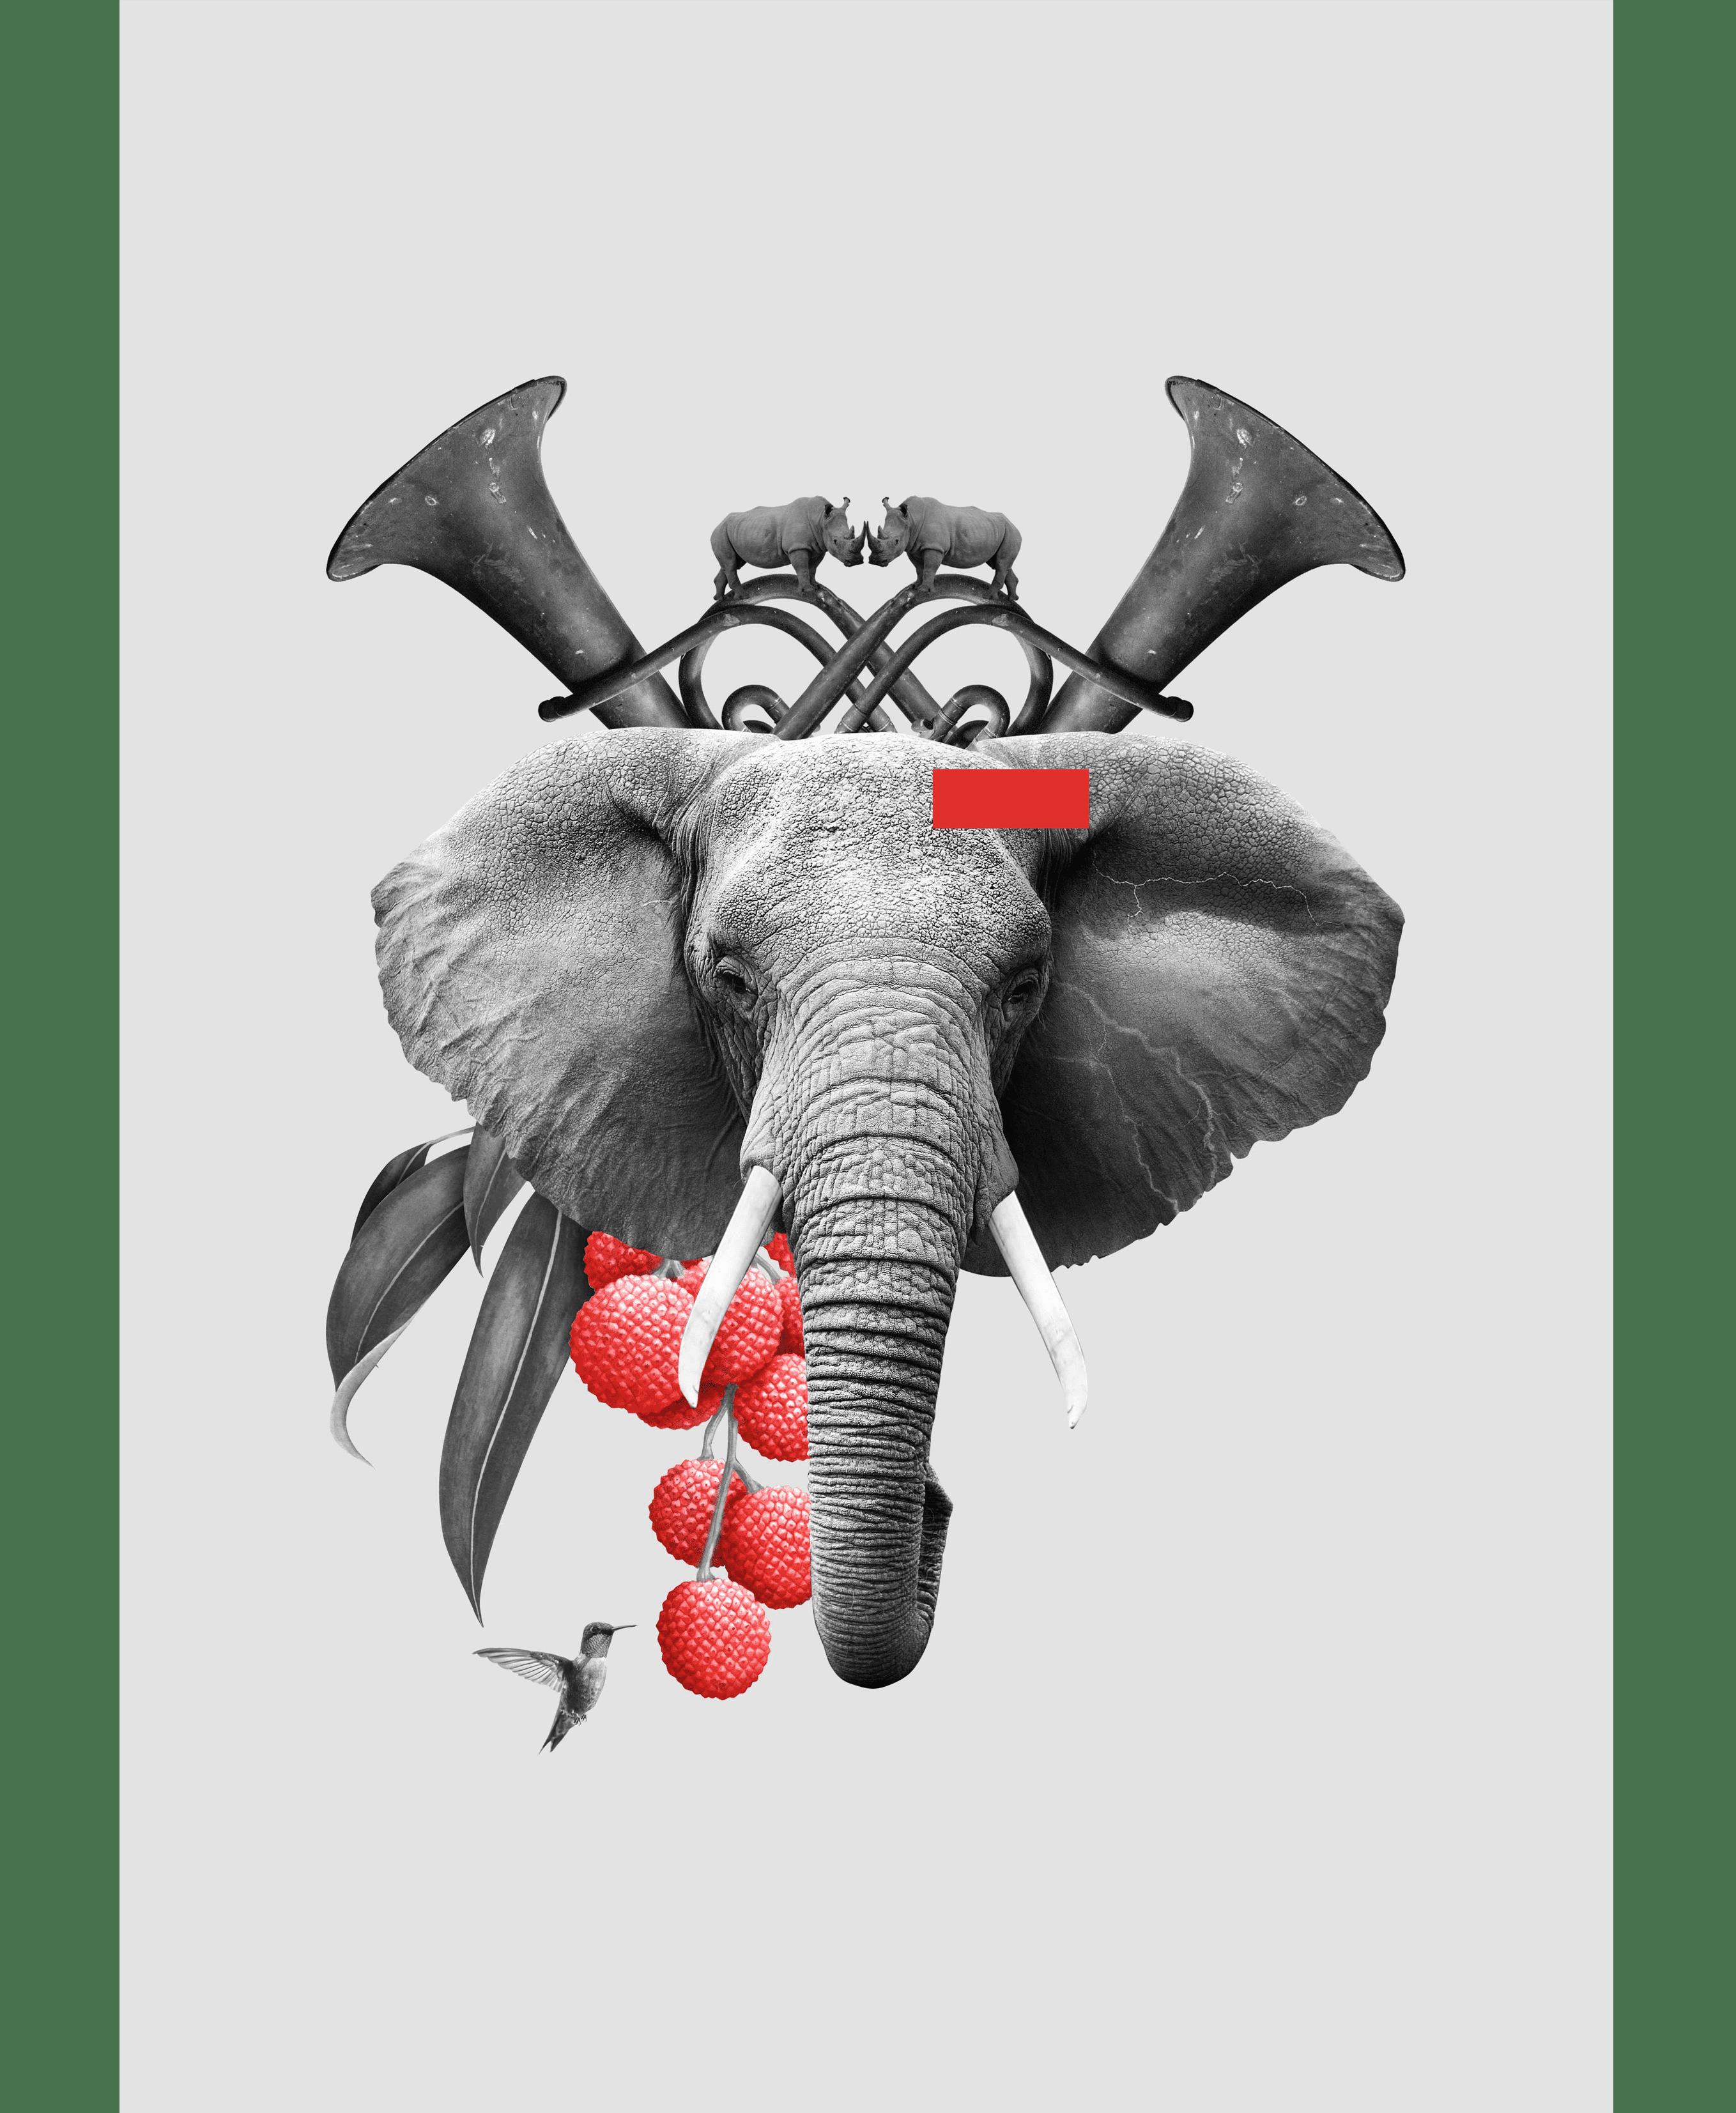 Tienda_Lamina elefante